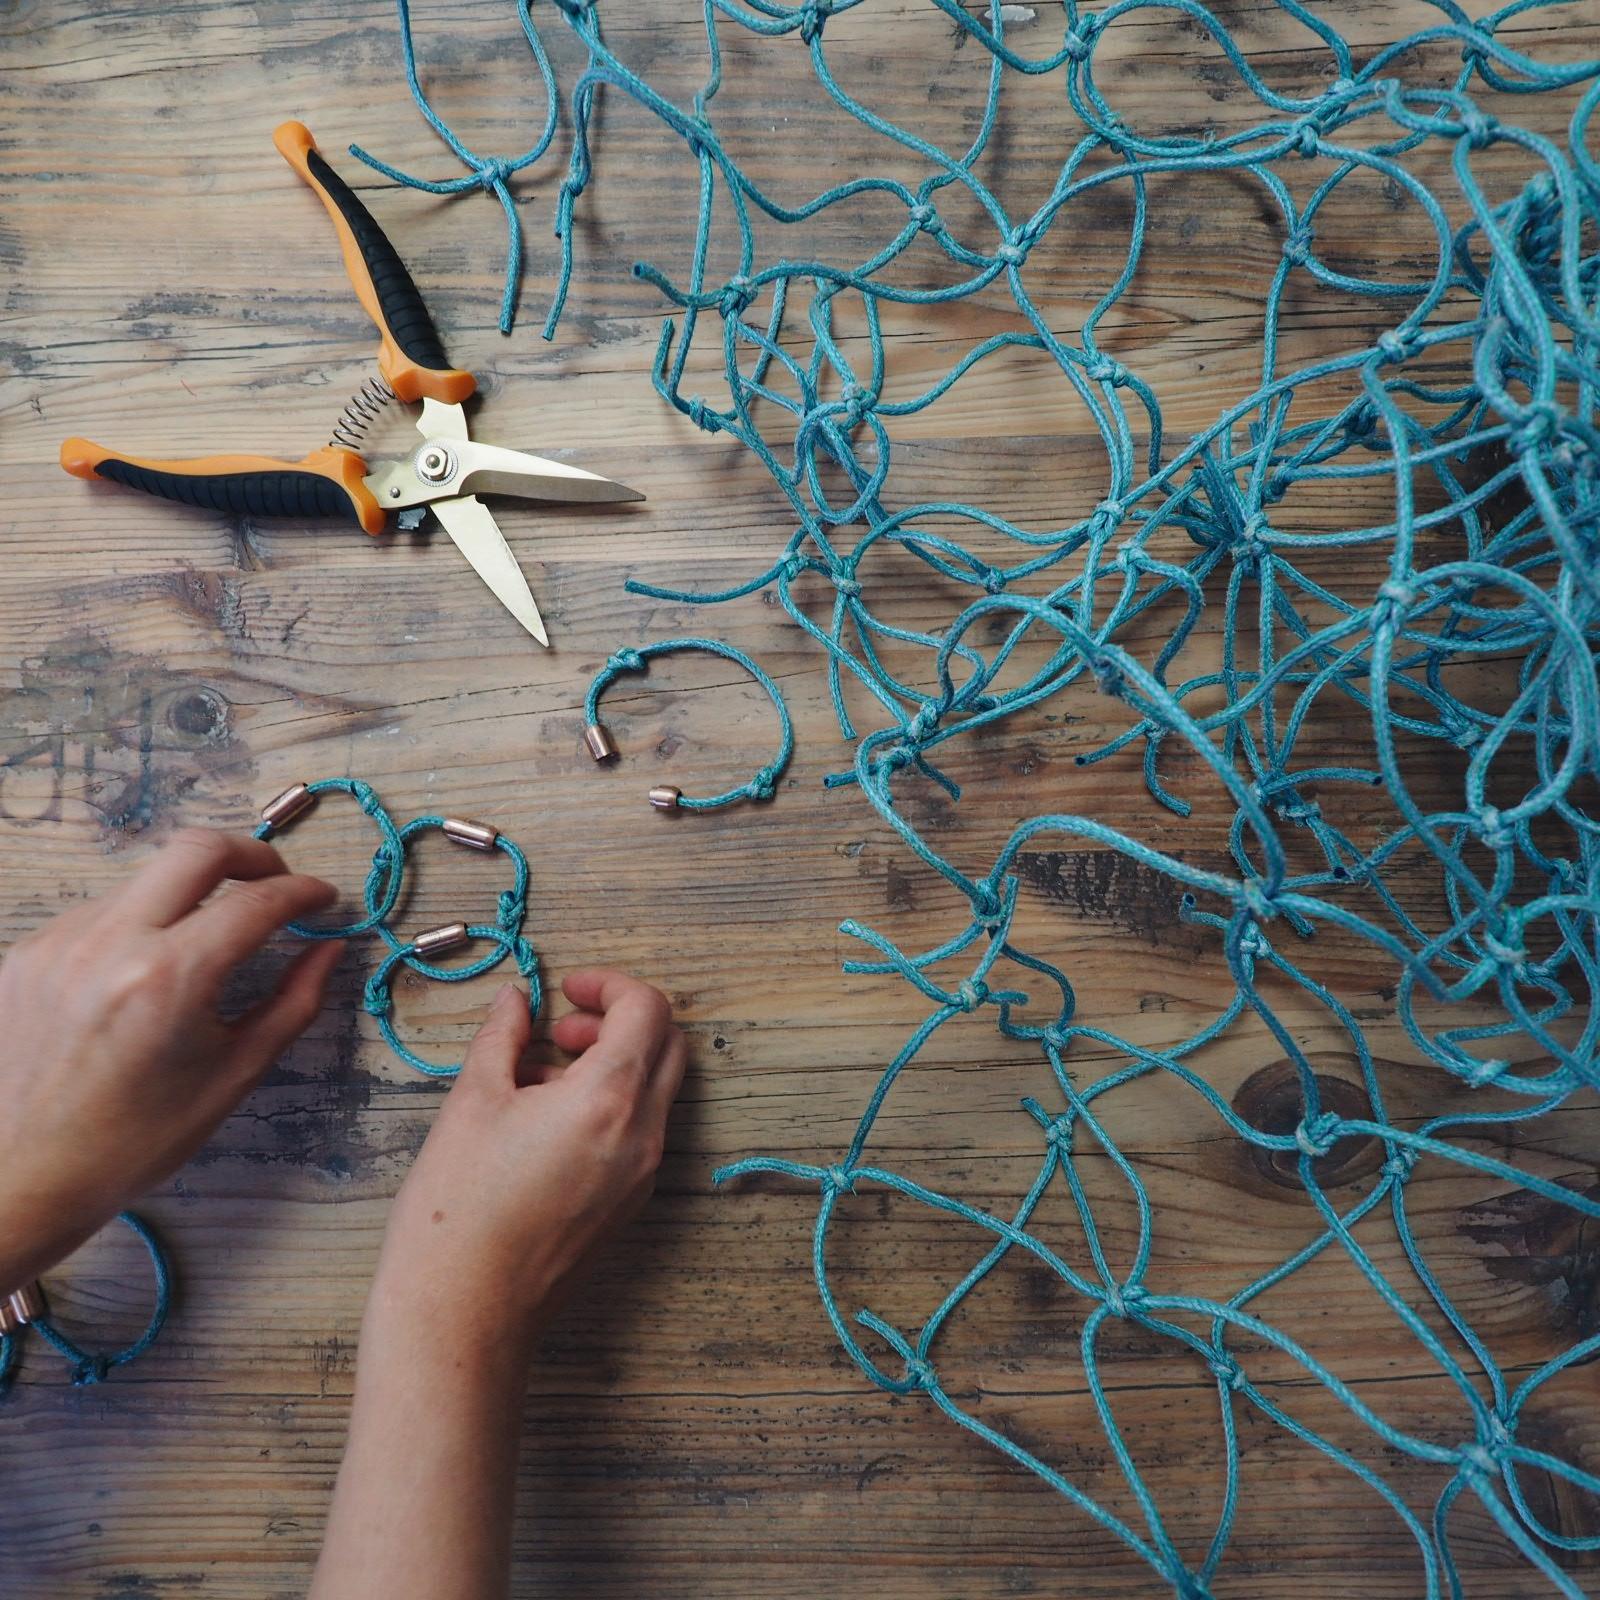 Der Schutz der Meere - Sieckmann Yachts